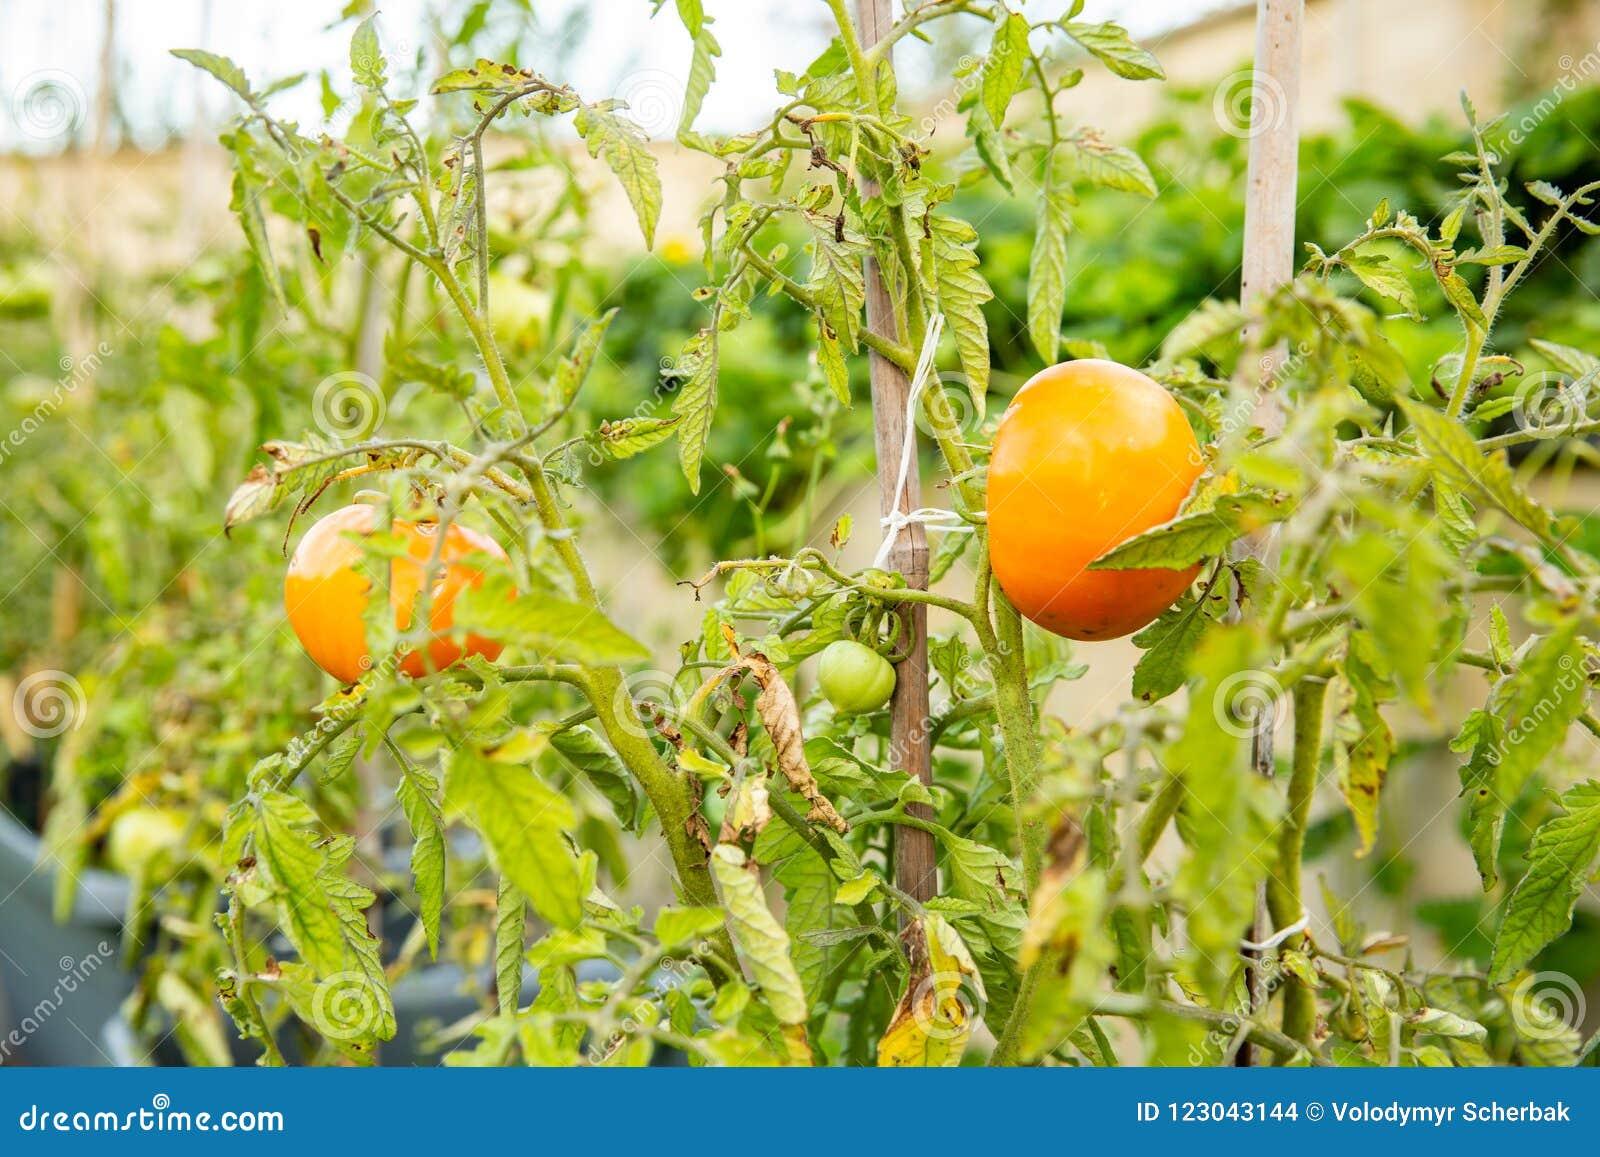 La tomate chantera sur une branche